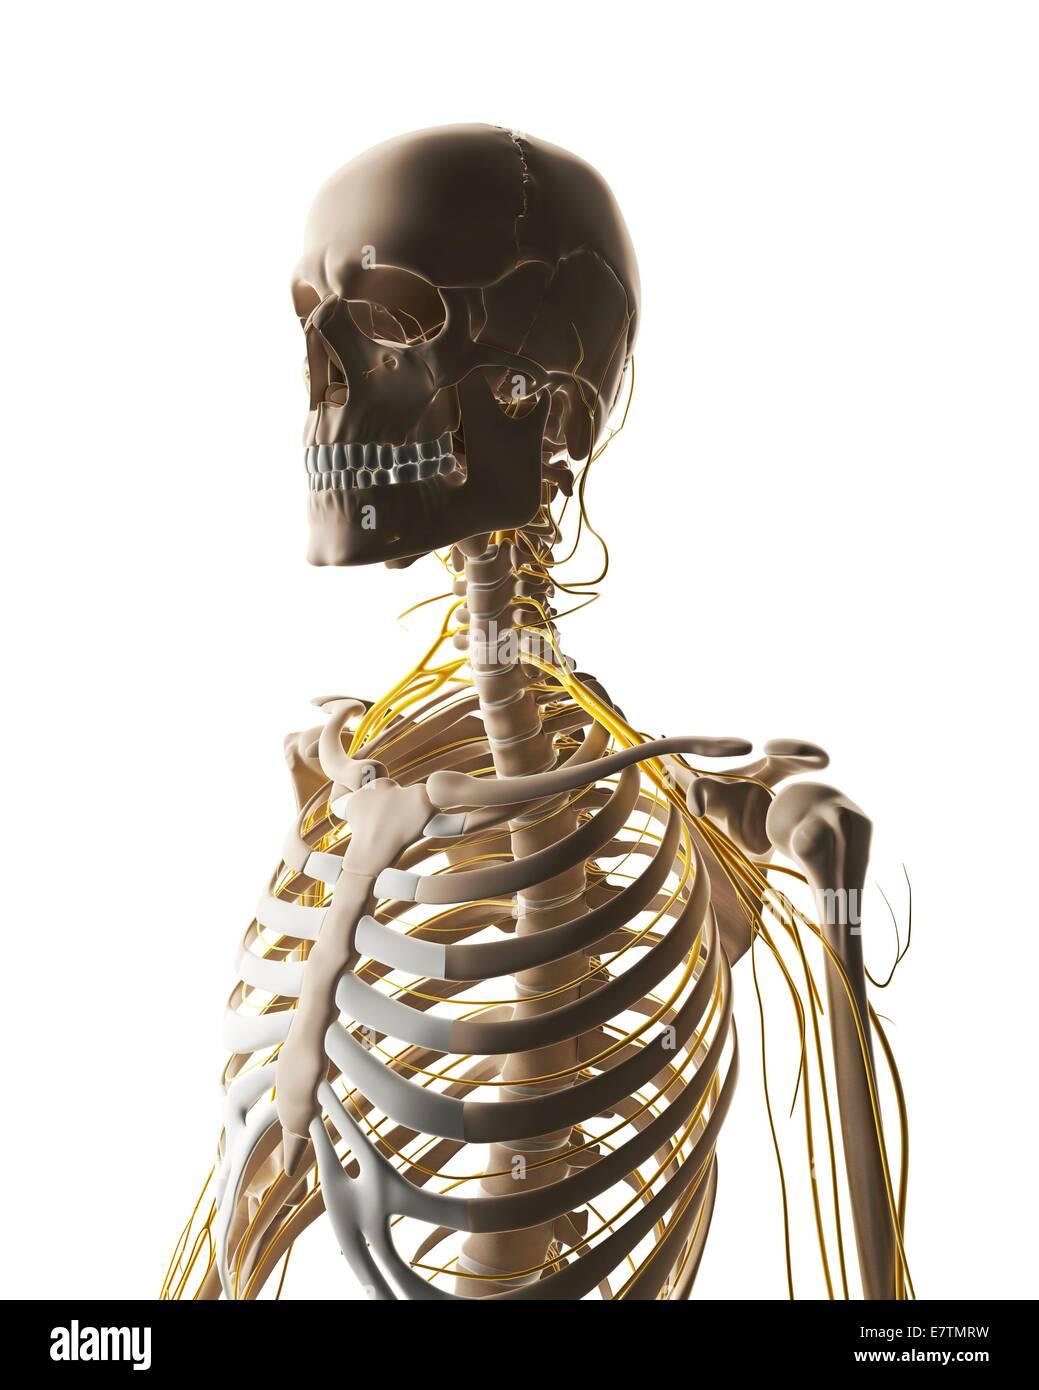 Ziemlich Weibliches Fortpflanzungssystem Bild Fotos - Anatomie Ideen ...